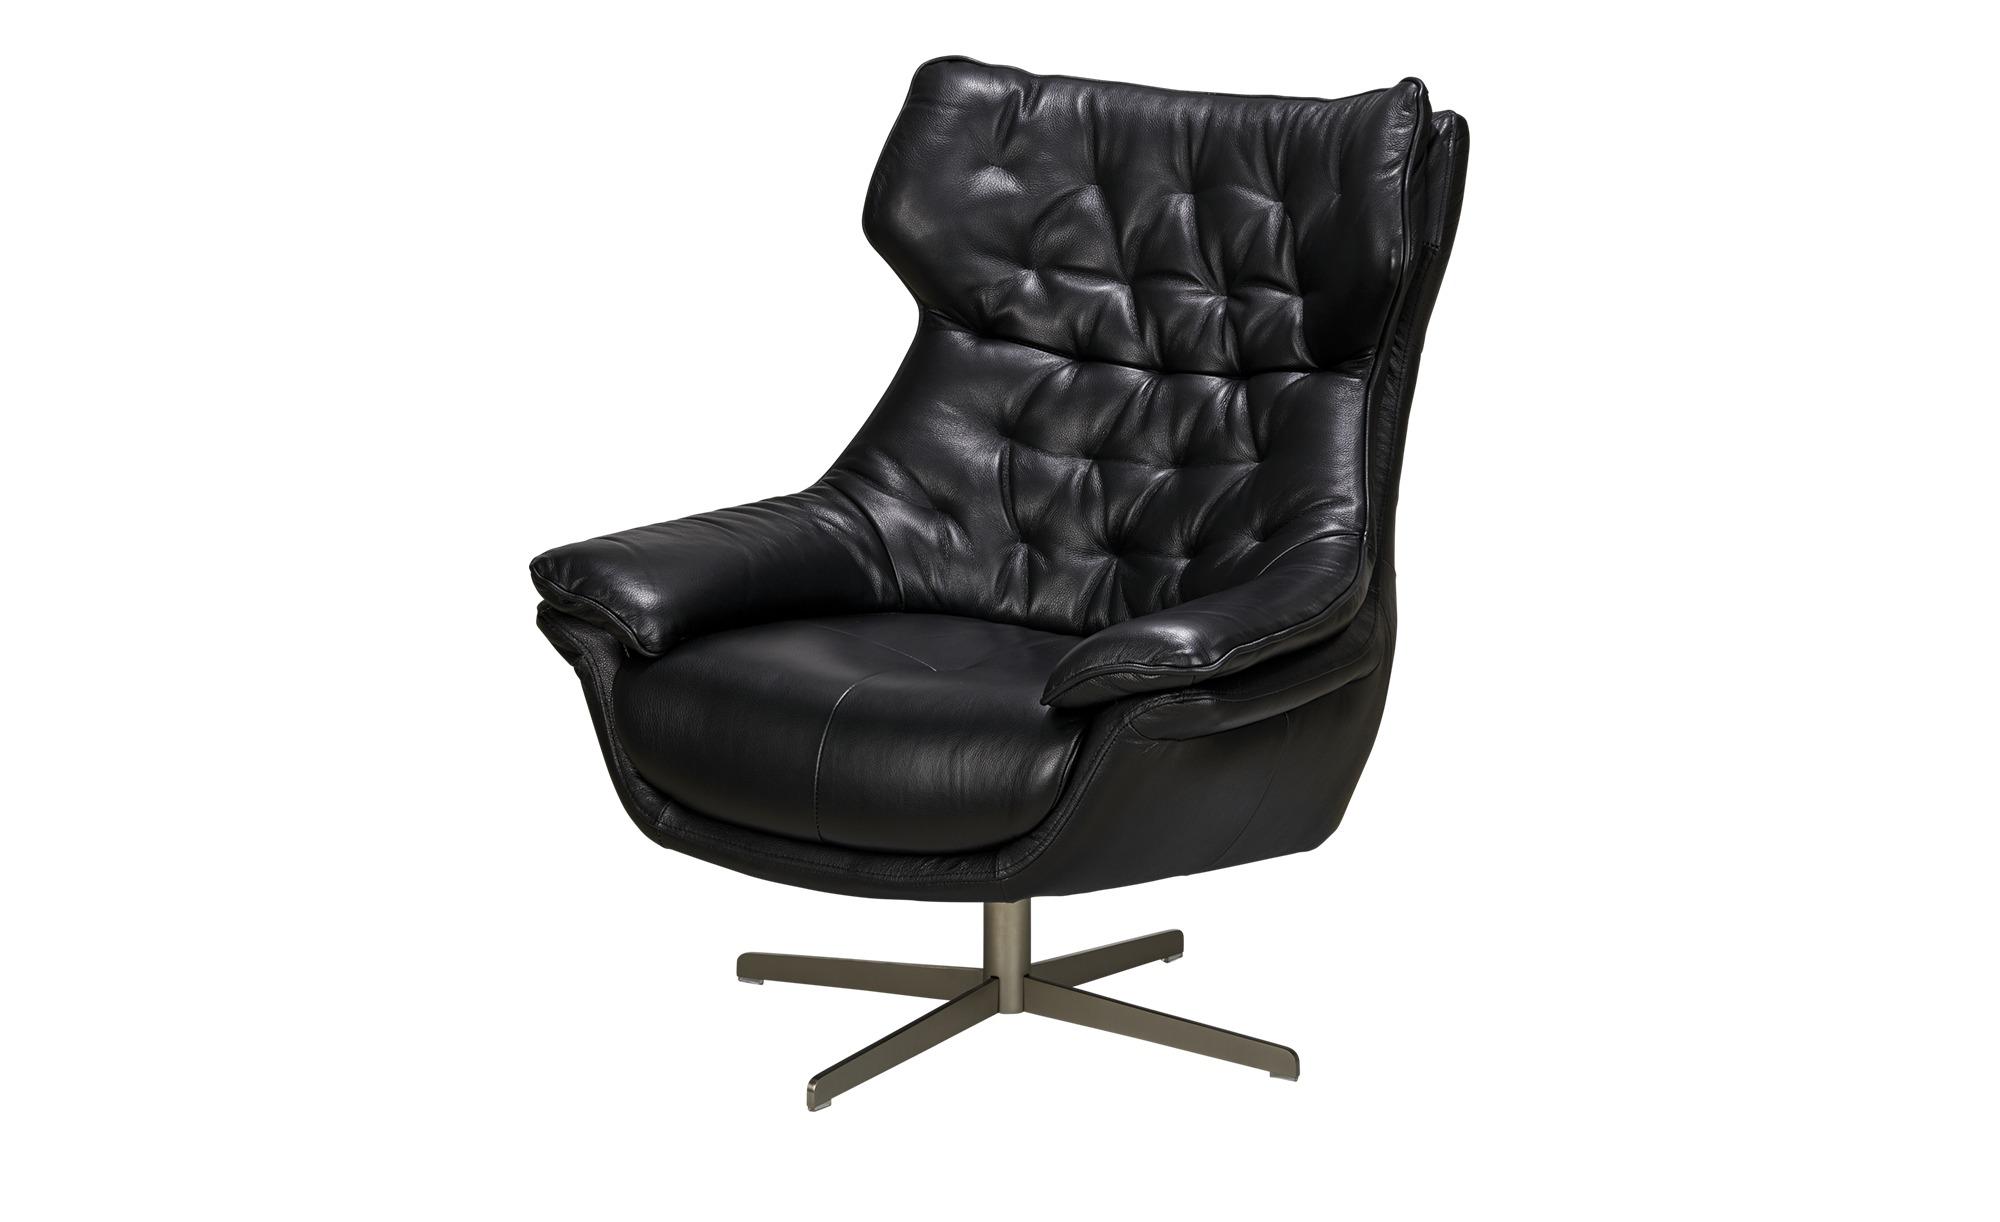 uno Sessel Leder black Linia Breite 79 cm Höhe 100 cm schwarz online kaufen bei WOONIO